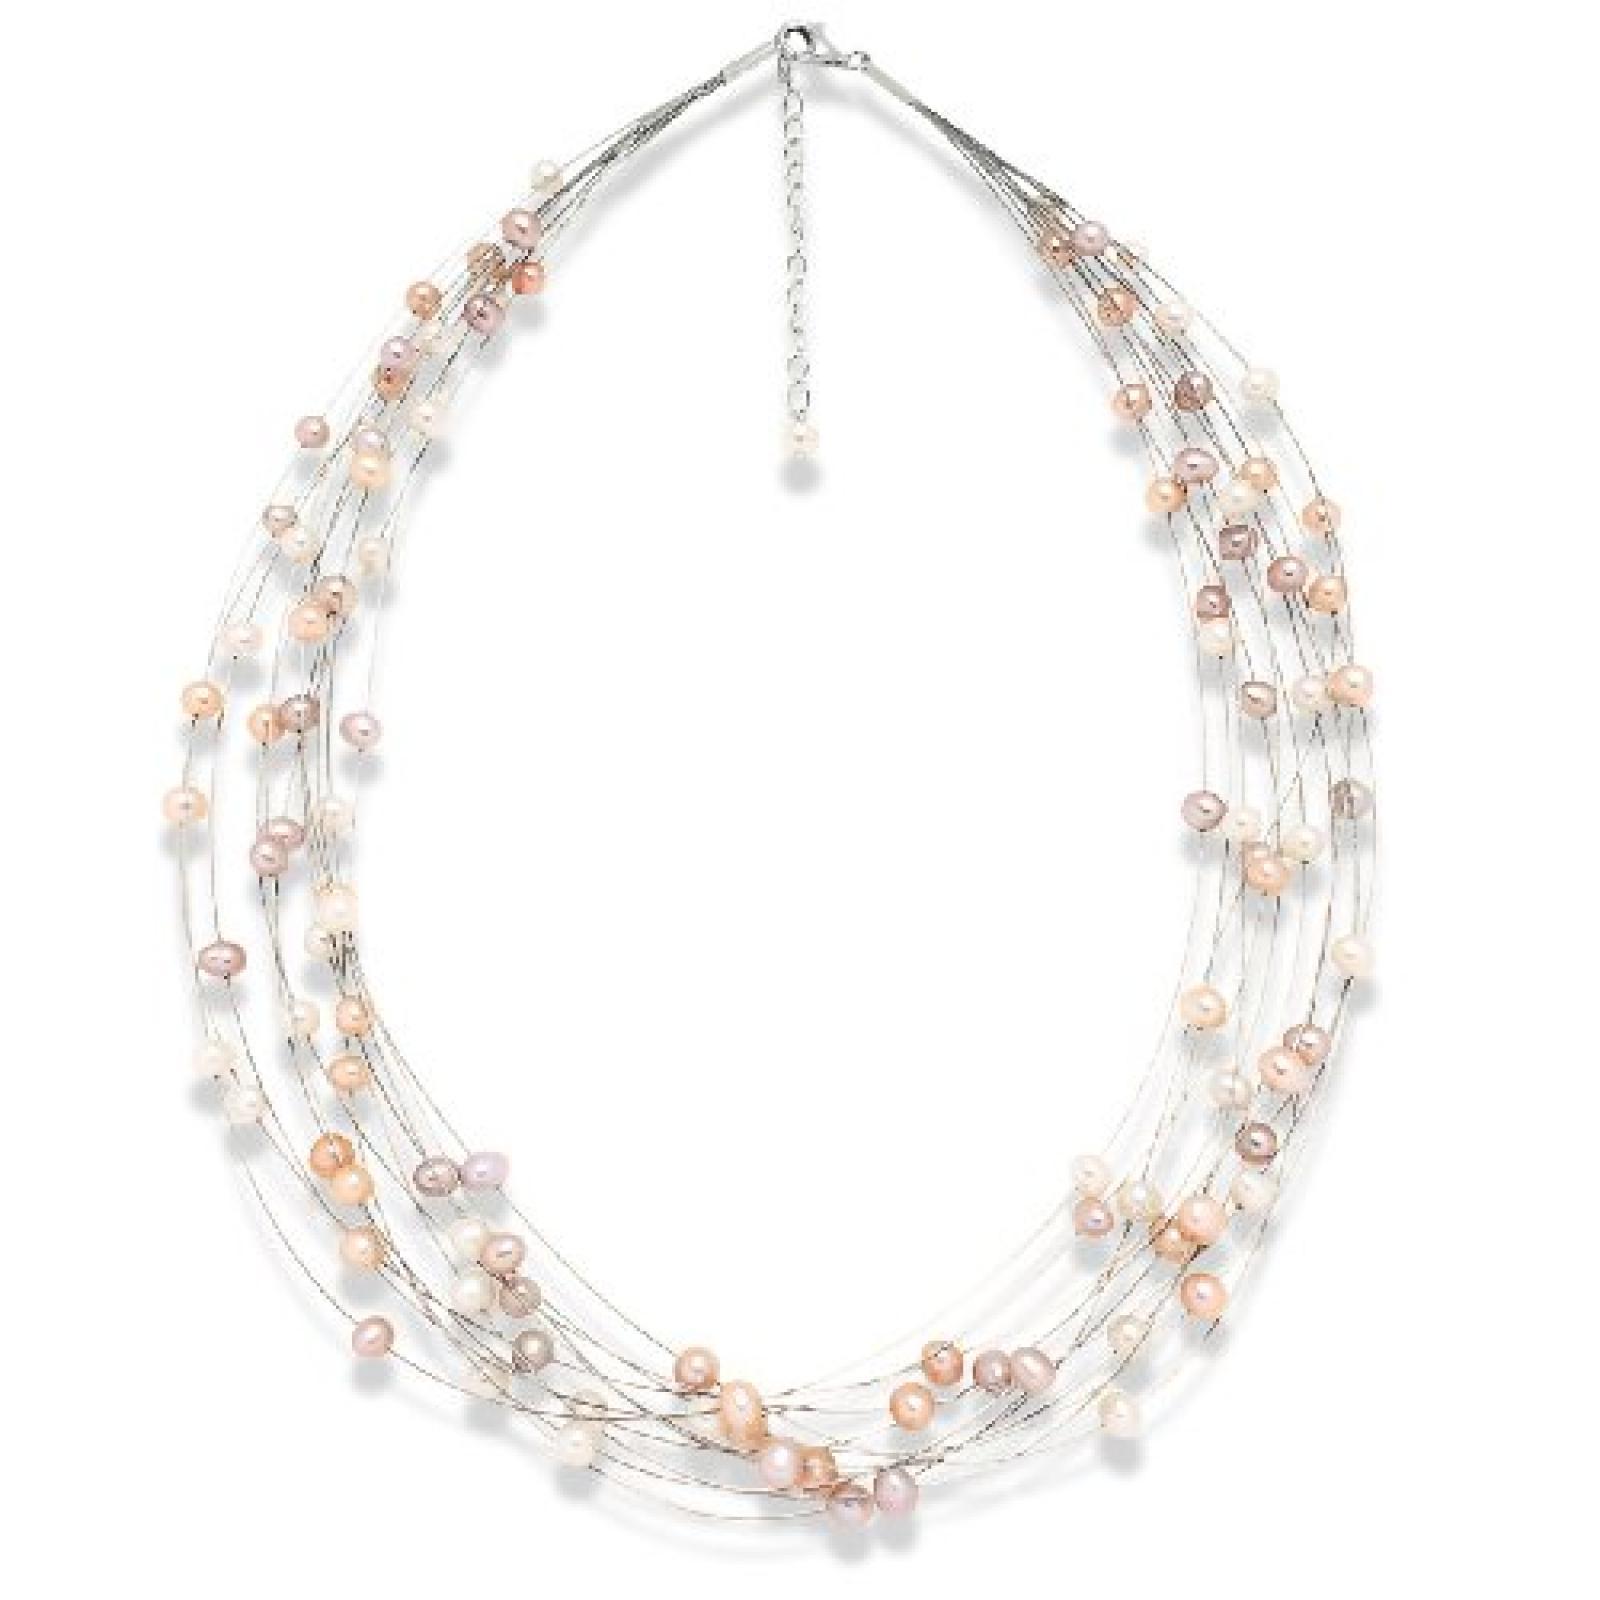 Valero Pearls Classic Collection Damen-Kette Hochwertige Süßwasser-Zuchtperlen in ca.  6 mm Oval weiß / apricot / flieder 925 Sterling Silber    43 cm + 5 cm Verlängerung   440530